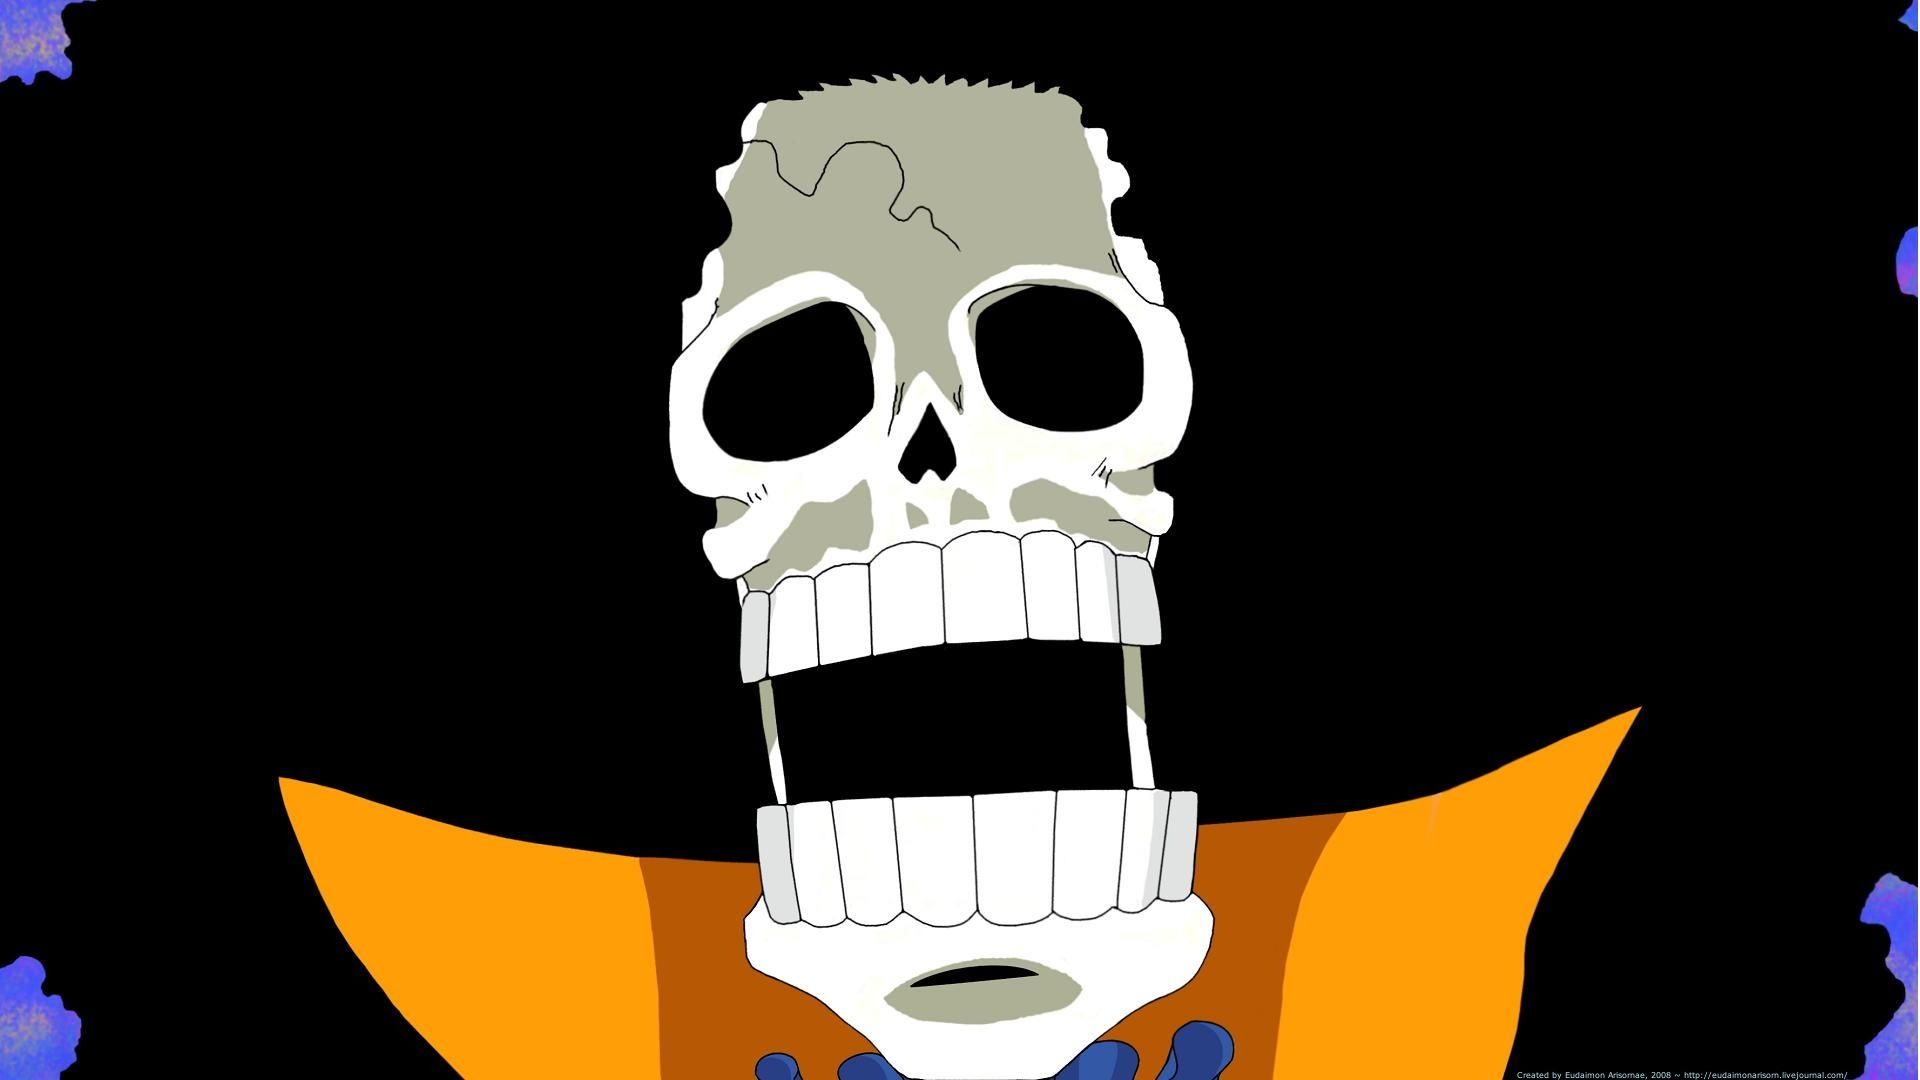 1920x1080 Hình nền HD One Piece.  1920x1080